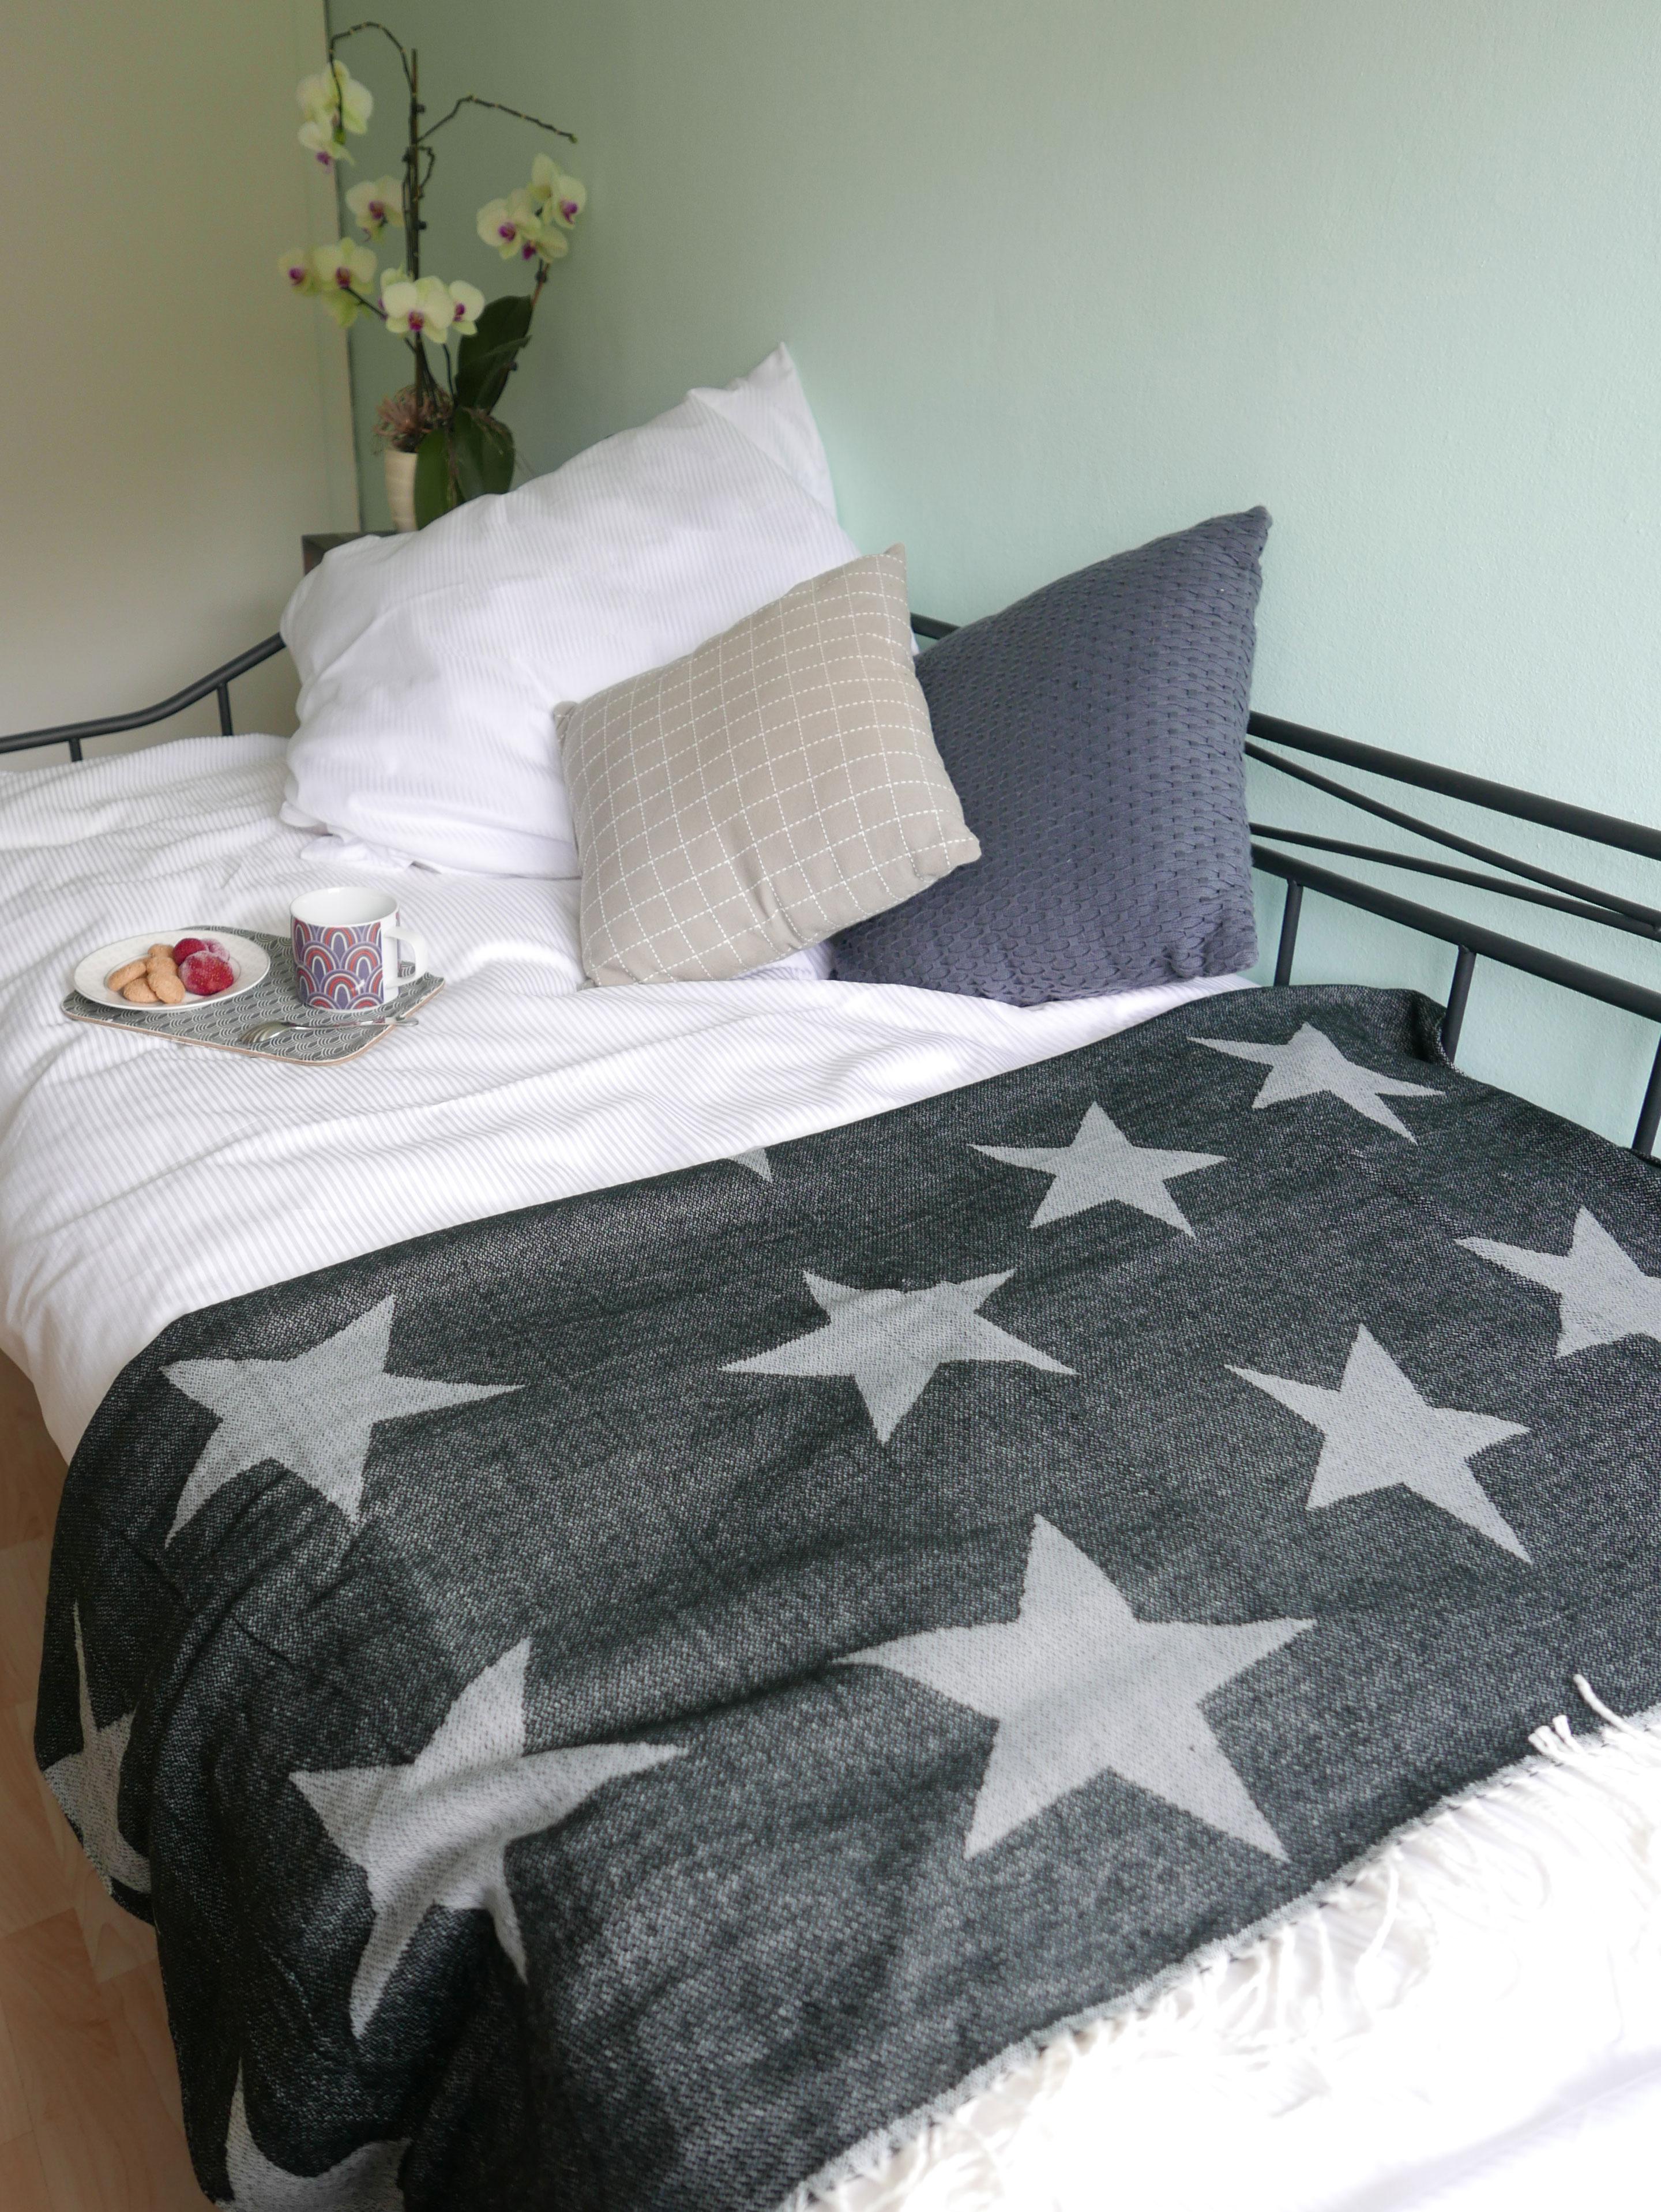 Handtücher Und Bettwäsche Zusammen Waschen Tipps Und Tricks Vom